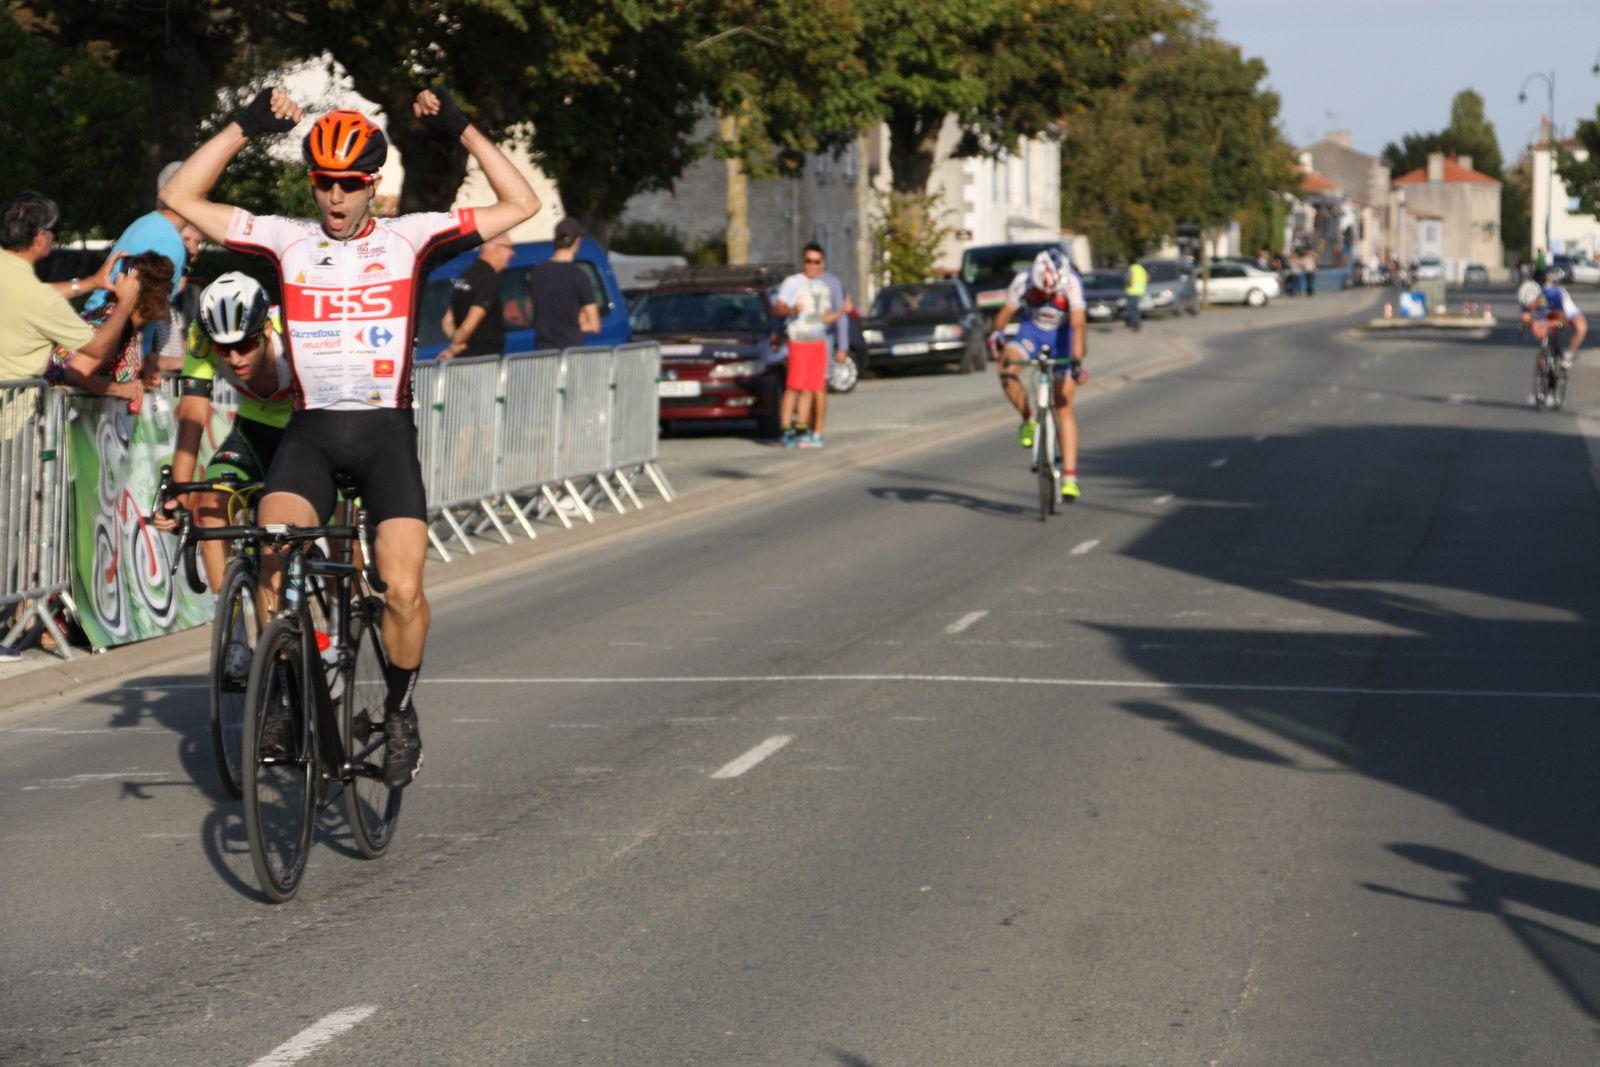 L'arrivée  et  la  3e  victoire  sur  la  journée  pour  un  coureur  du  T  St  Sauveur  Thomas  PEREZ, 2e  Romain  BELON(EC 3M),